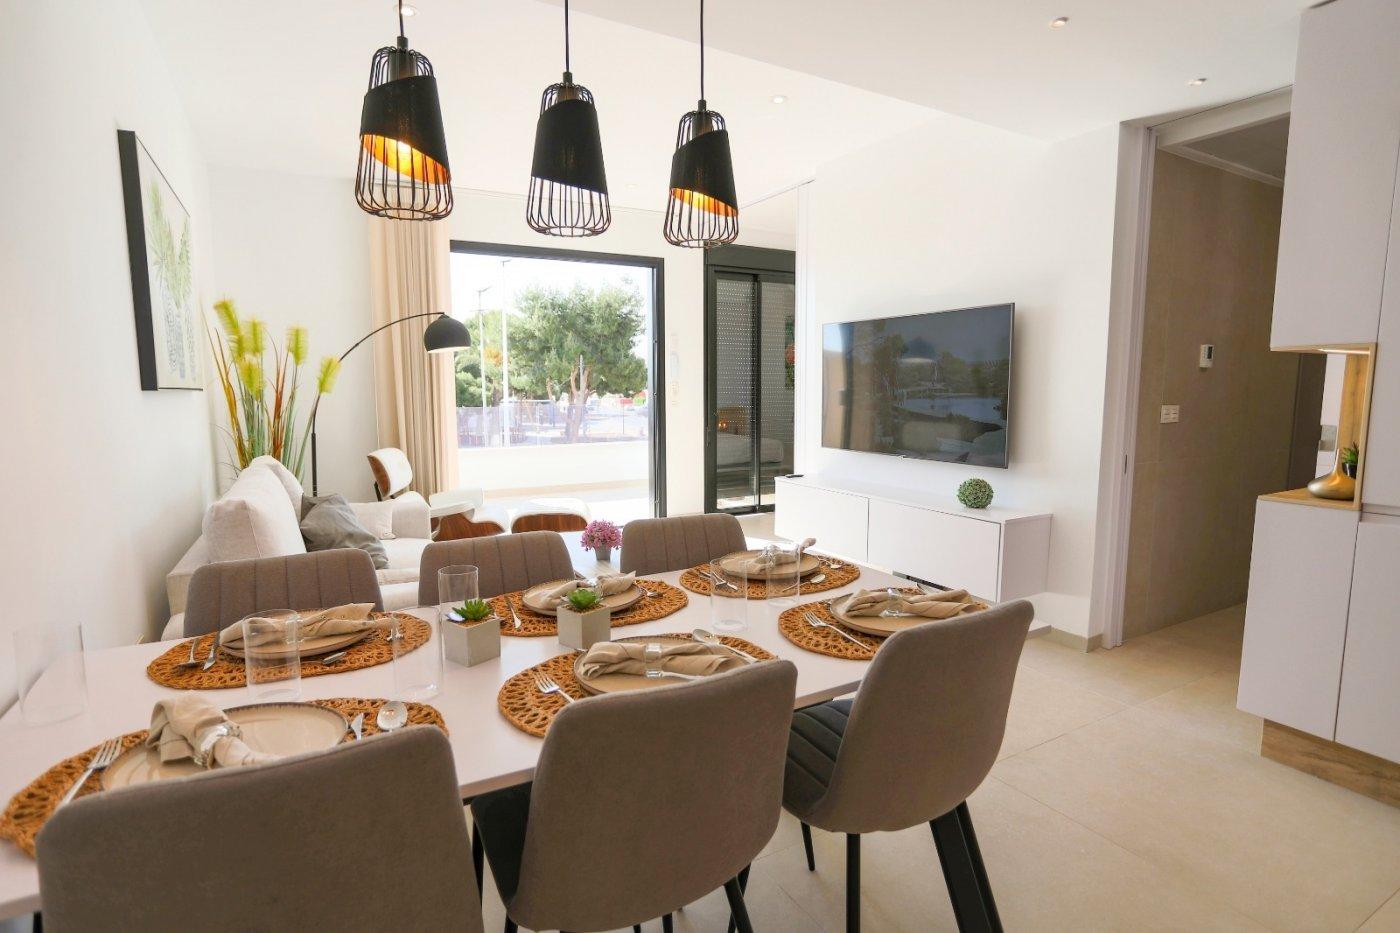 Apartamento moderno en san pedro del pinatar - imagenInmueble7